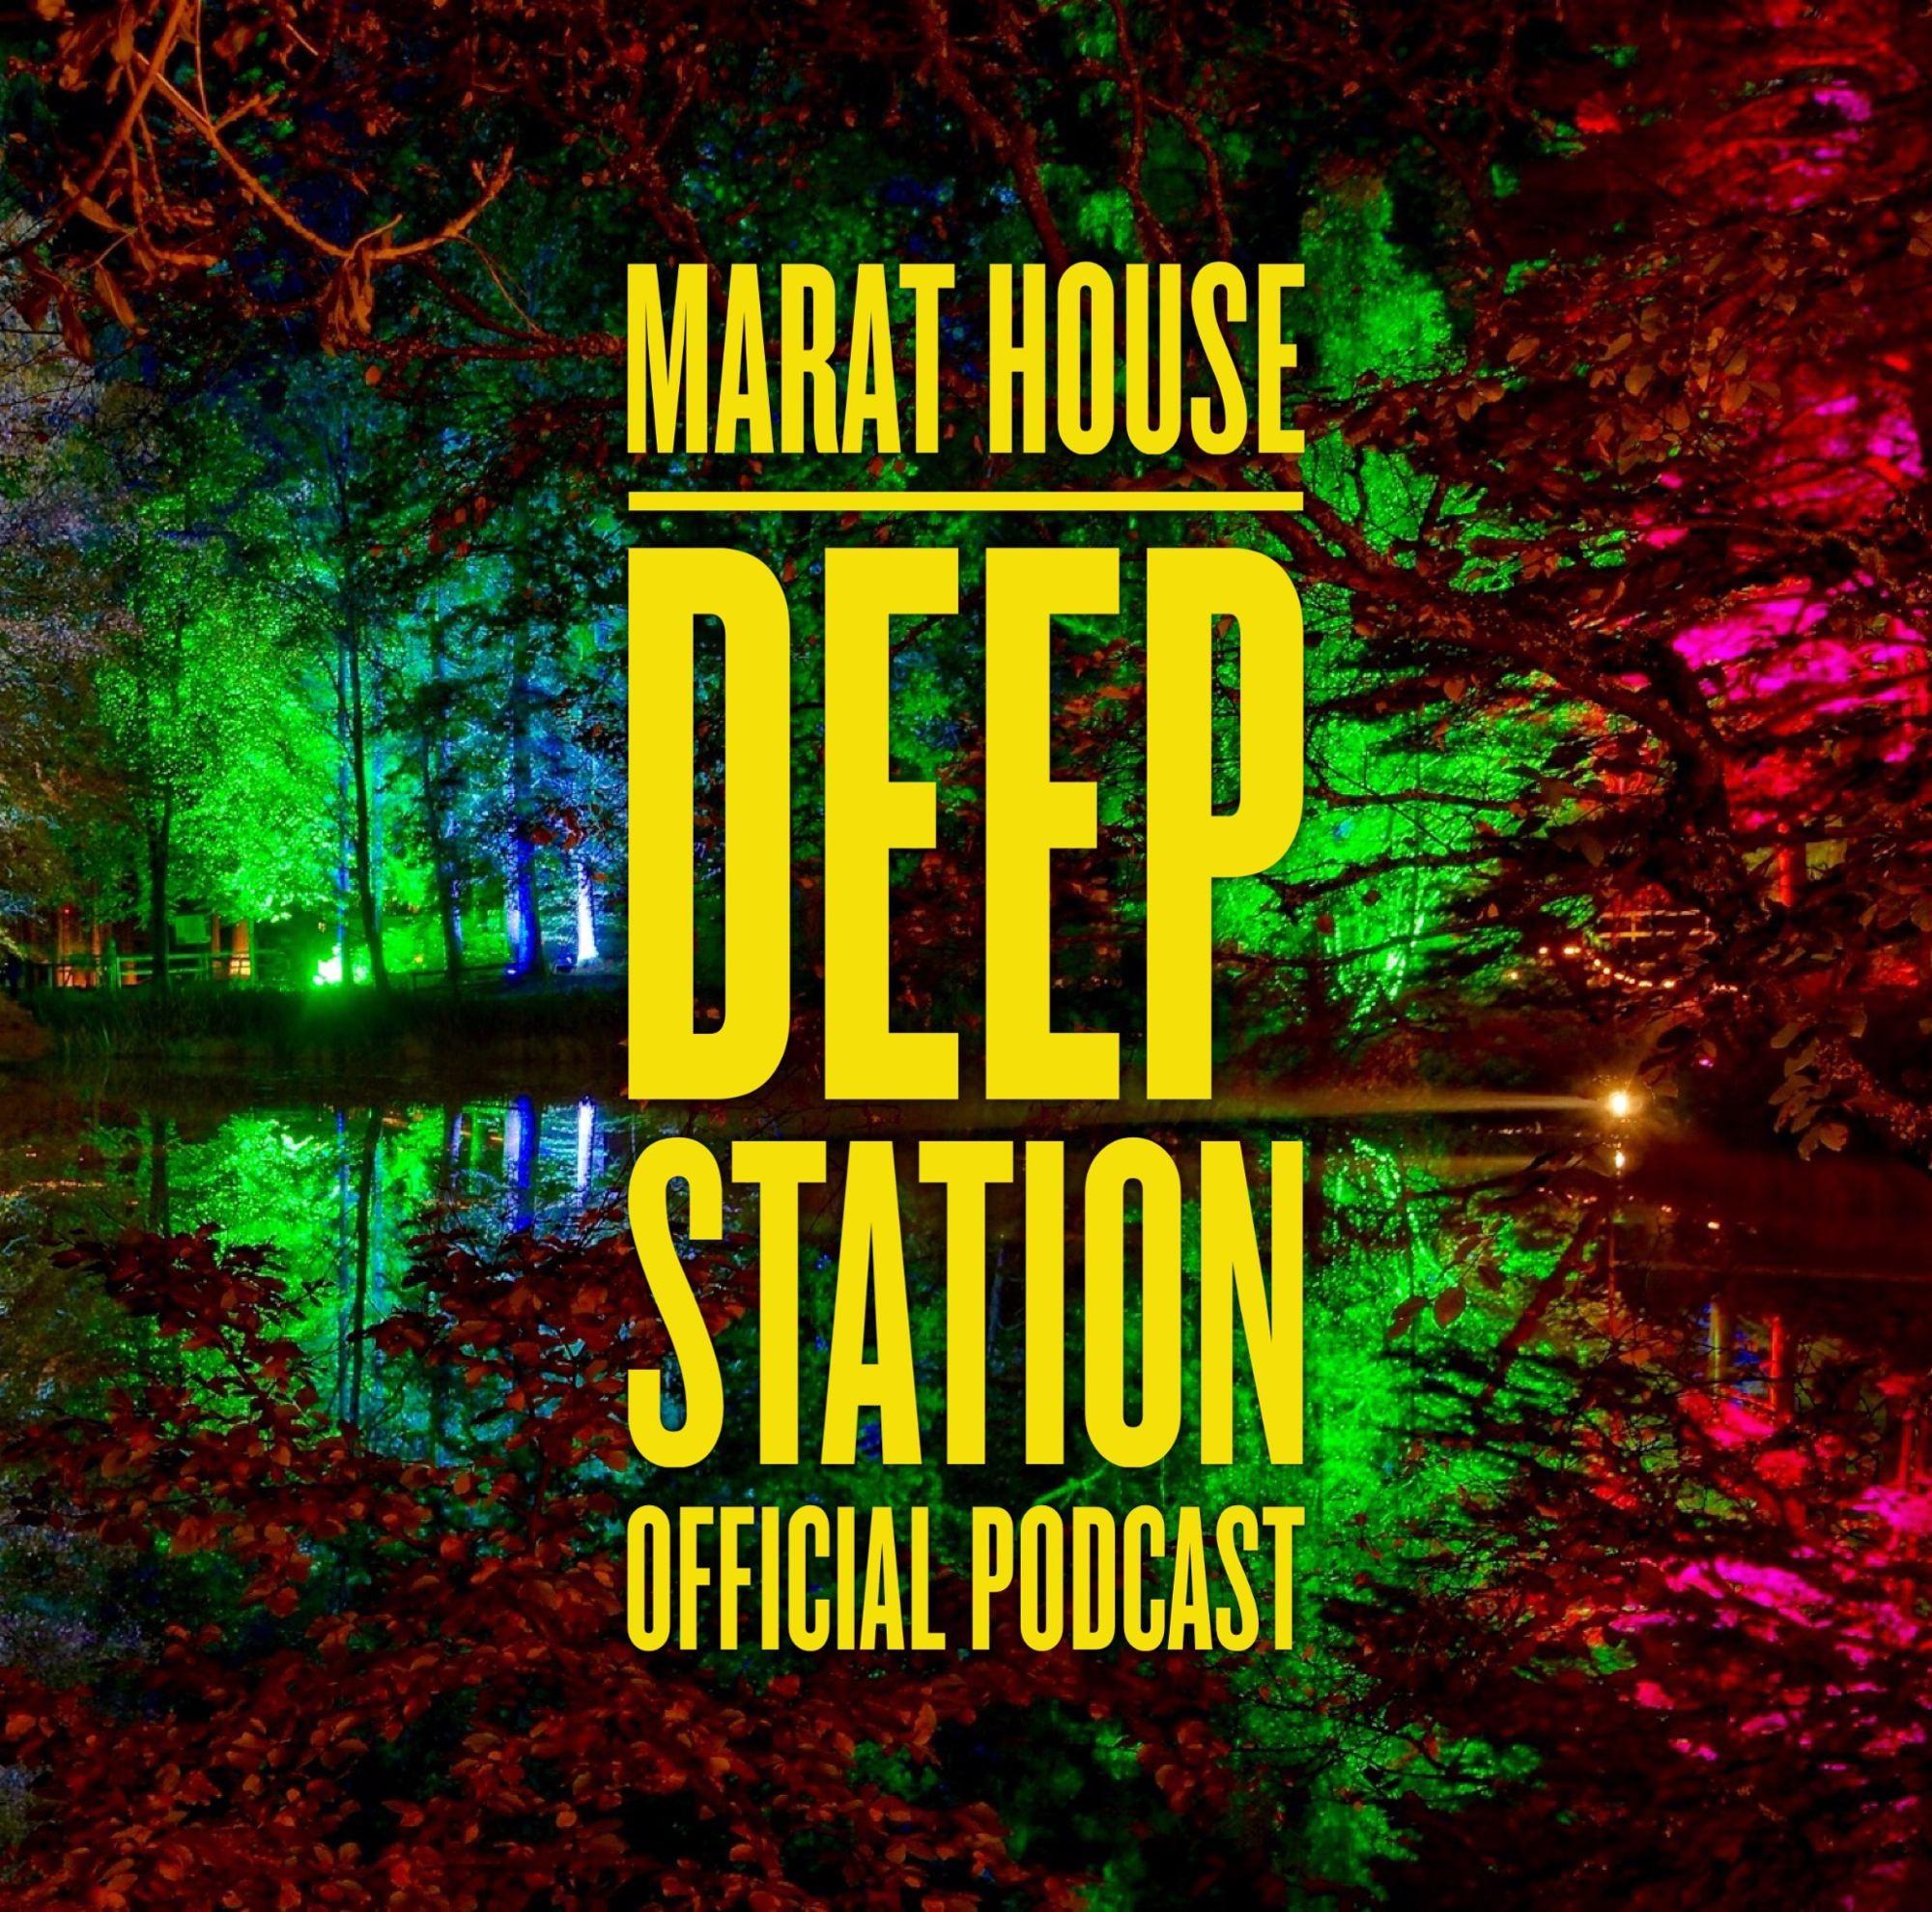 Marat house deep station 36 2016 marat house for Deep house 2000